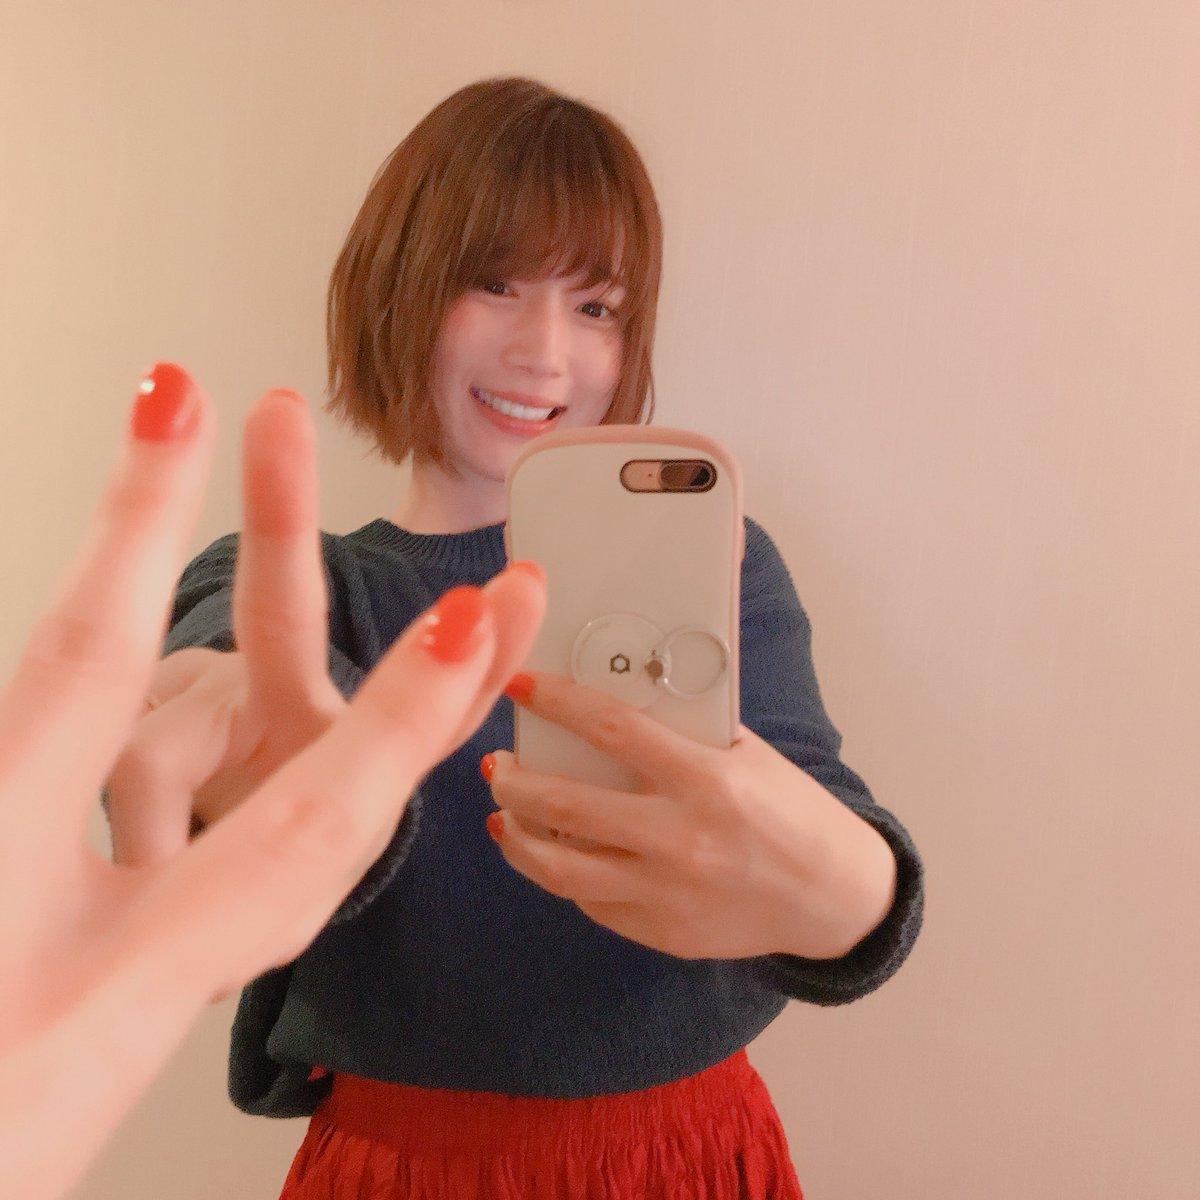 内田真礼さんの投稿画像